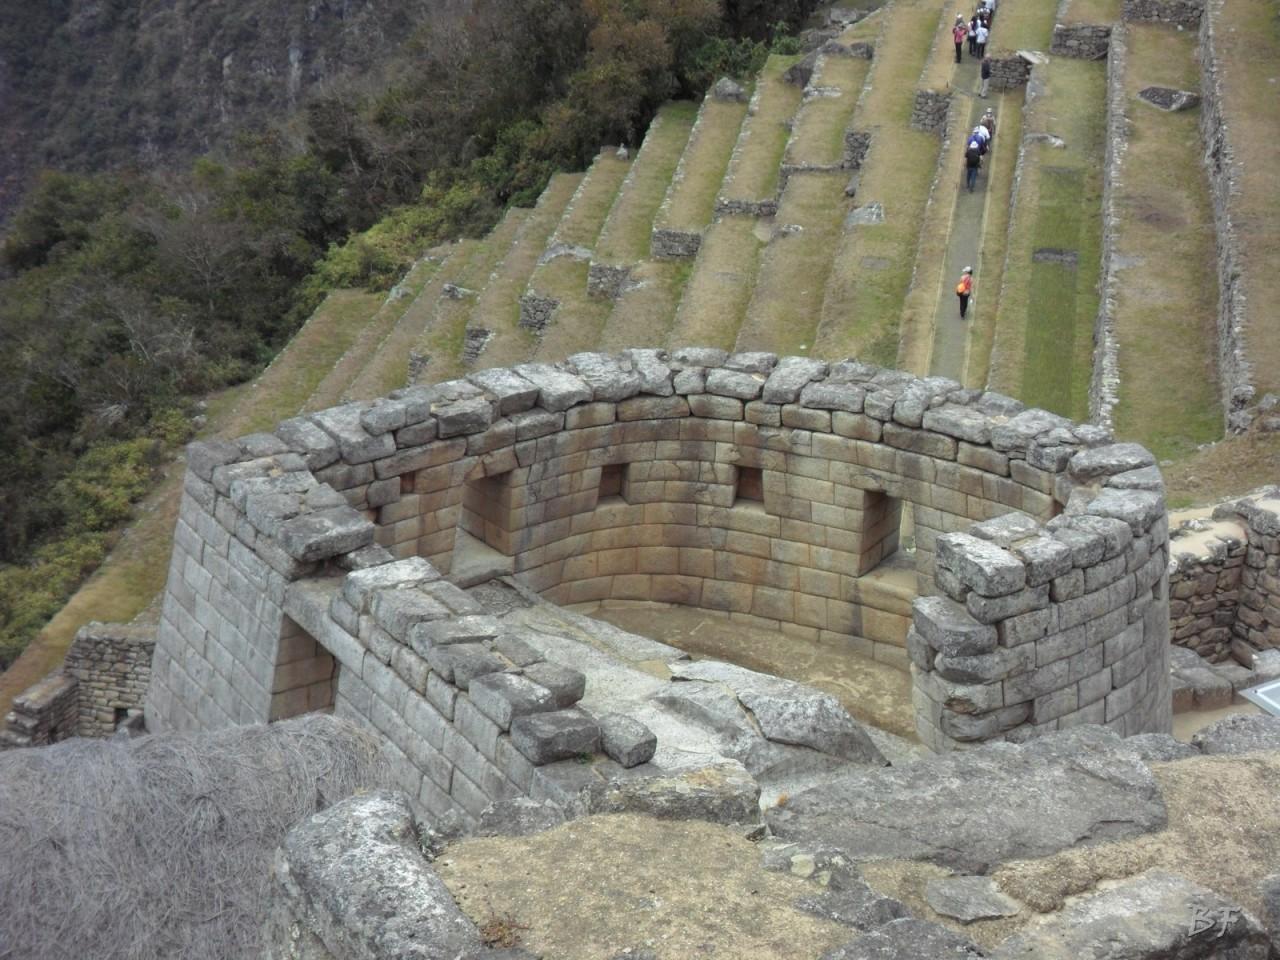 Mura-Poligonali-Incisioni-Altari-Edifici-Rupestri-Megaliti-Machu-Picchu-Aguas-Calientes-Urubamba-Cusco-Perù-99